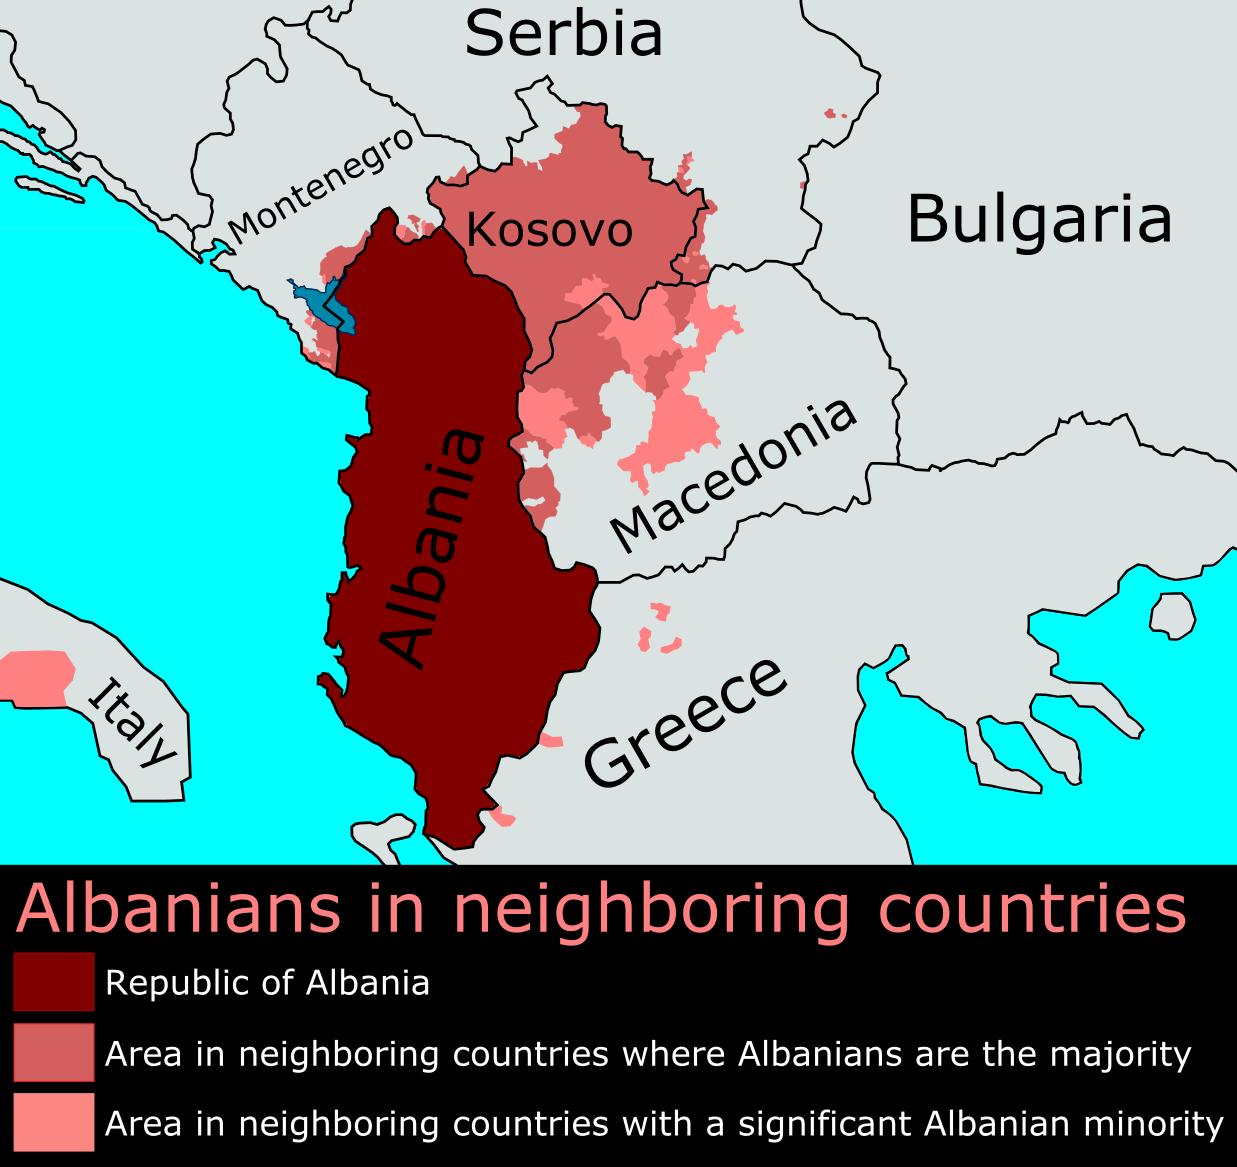 AlbaniansOutsideAlbania